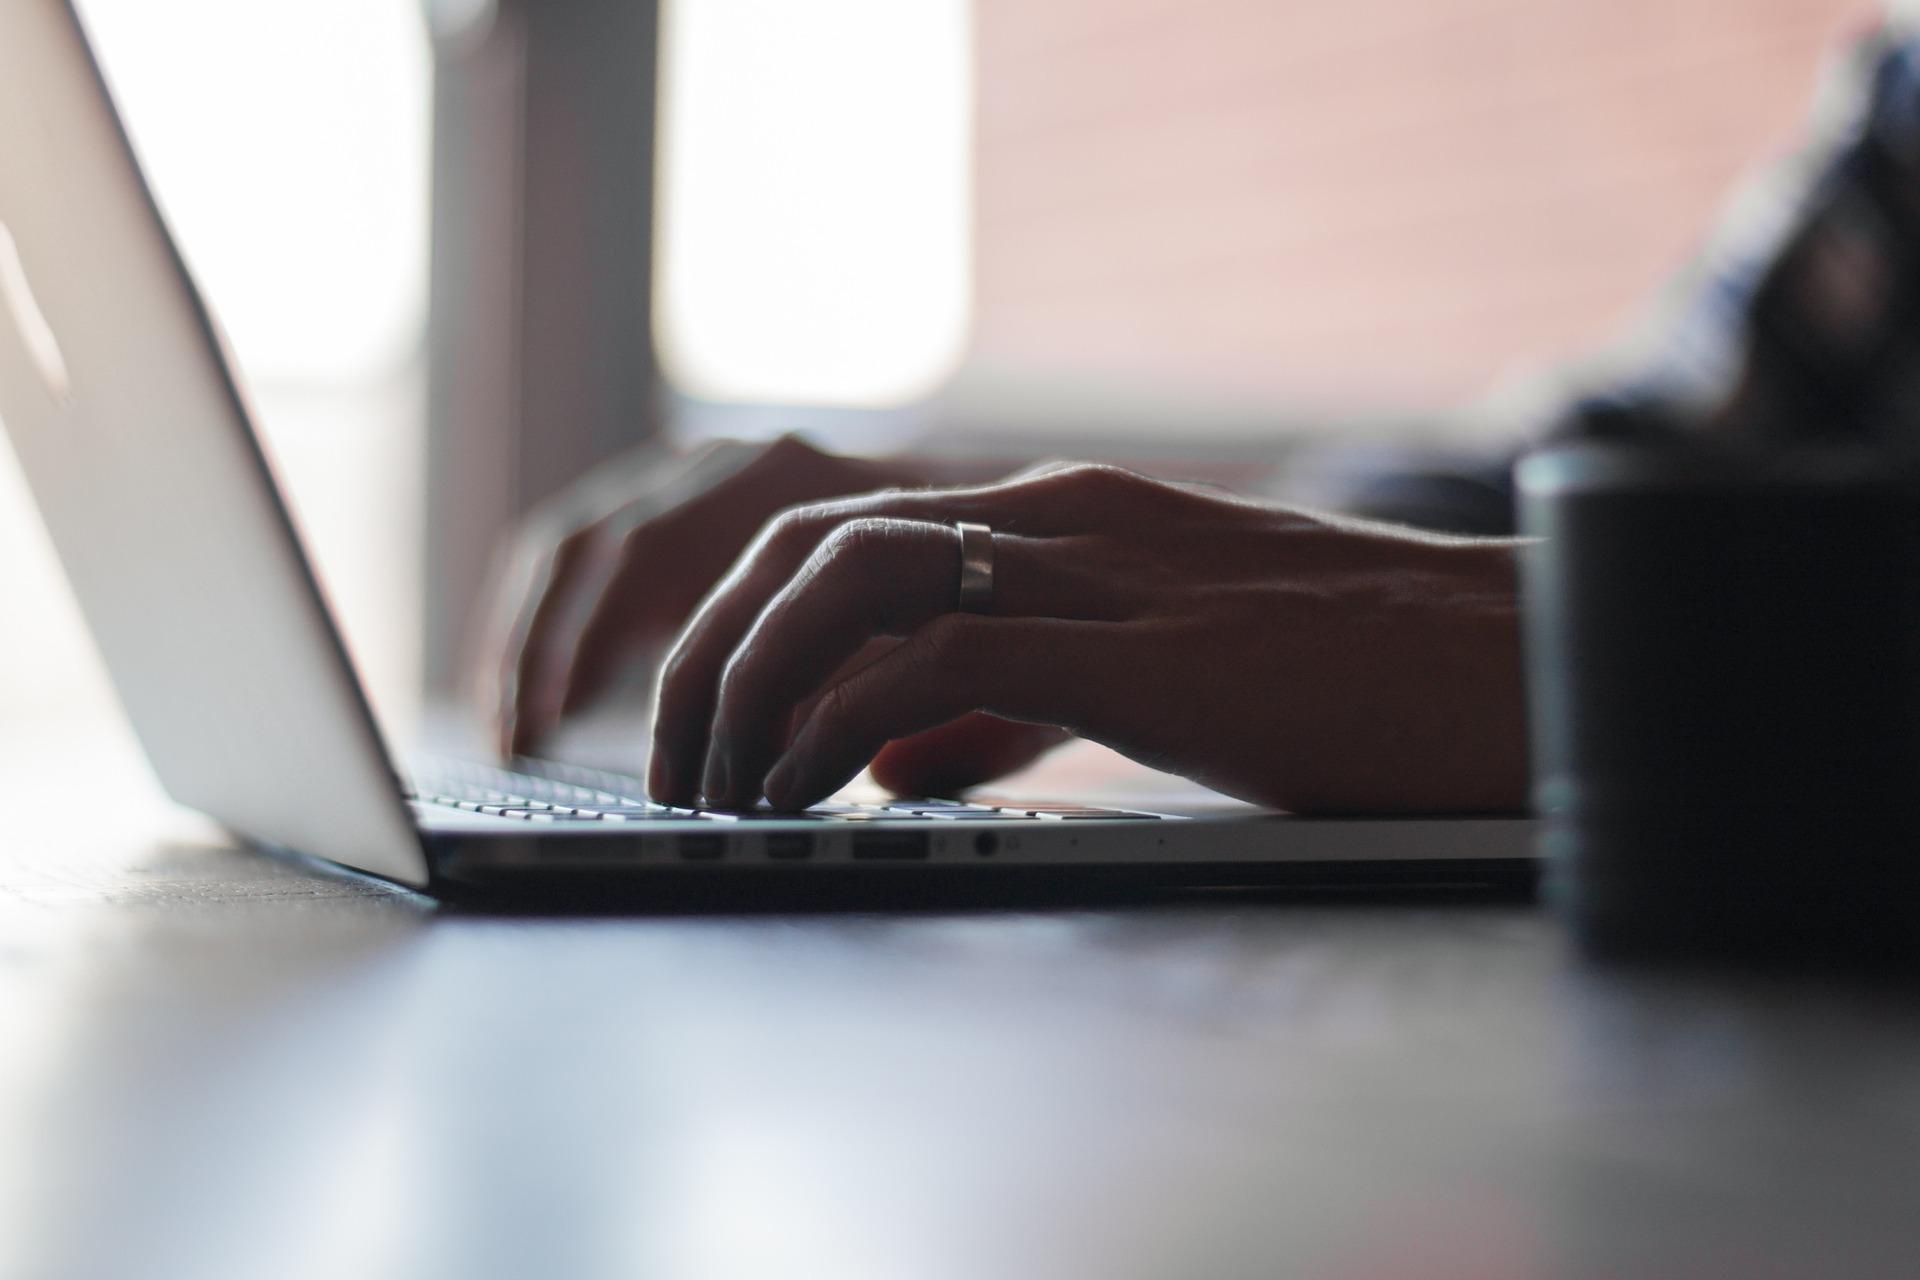 Assistenza tecnica Apple: il programma per le tastiere di MacBook e MacBook Pro